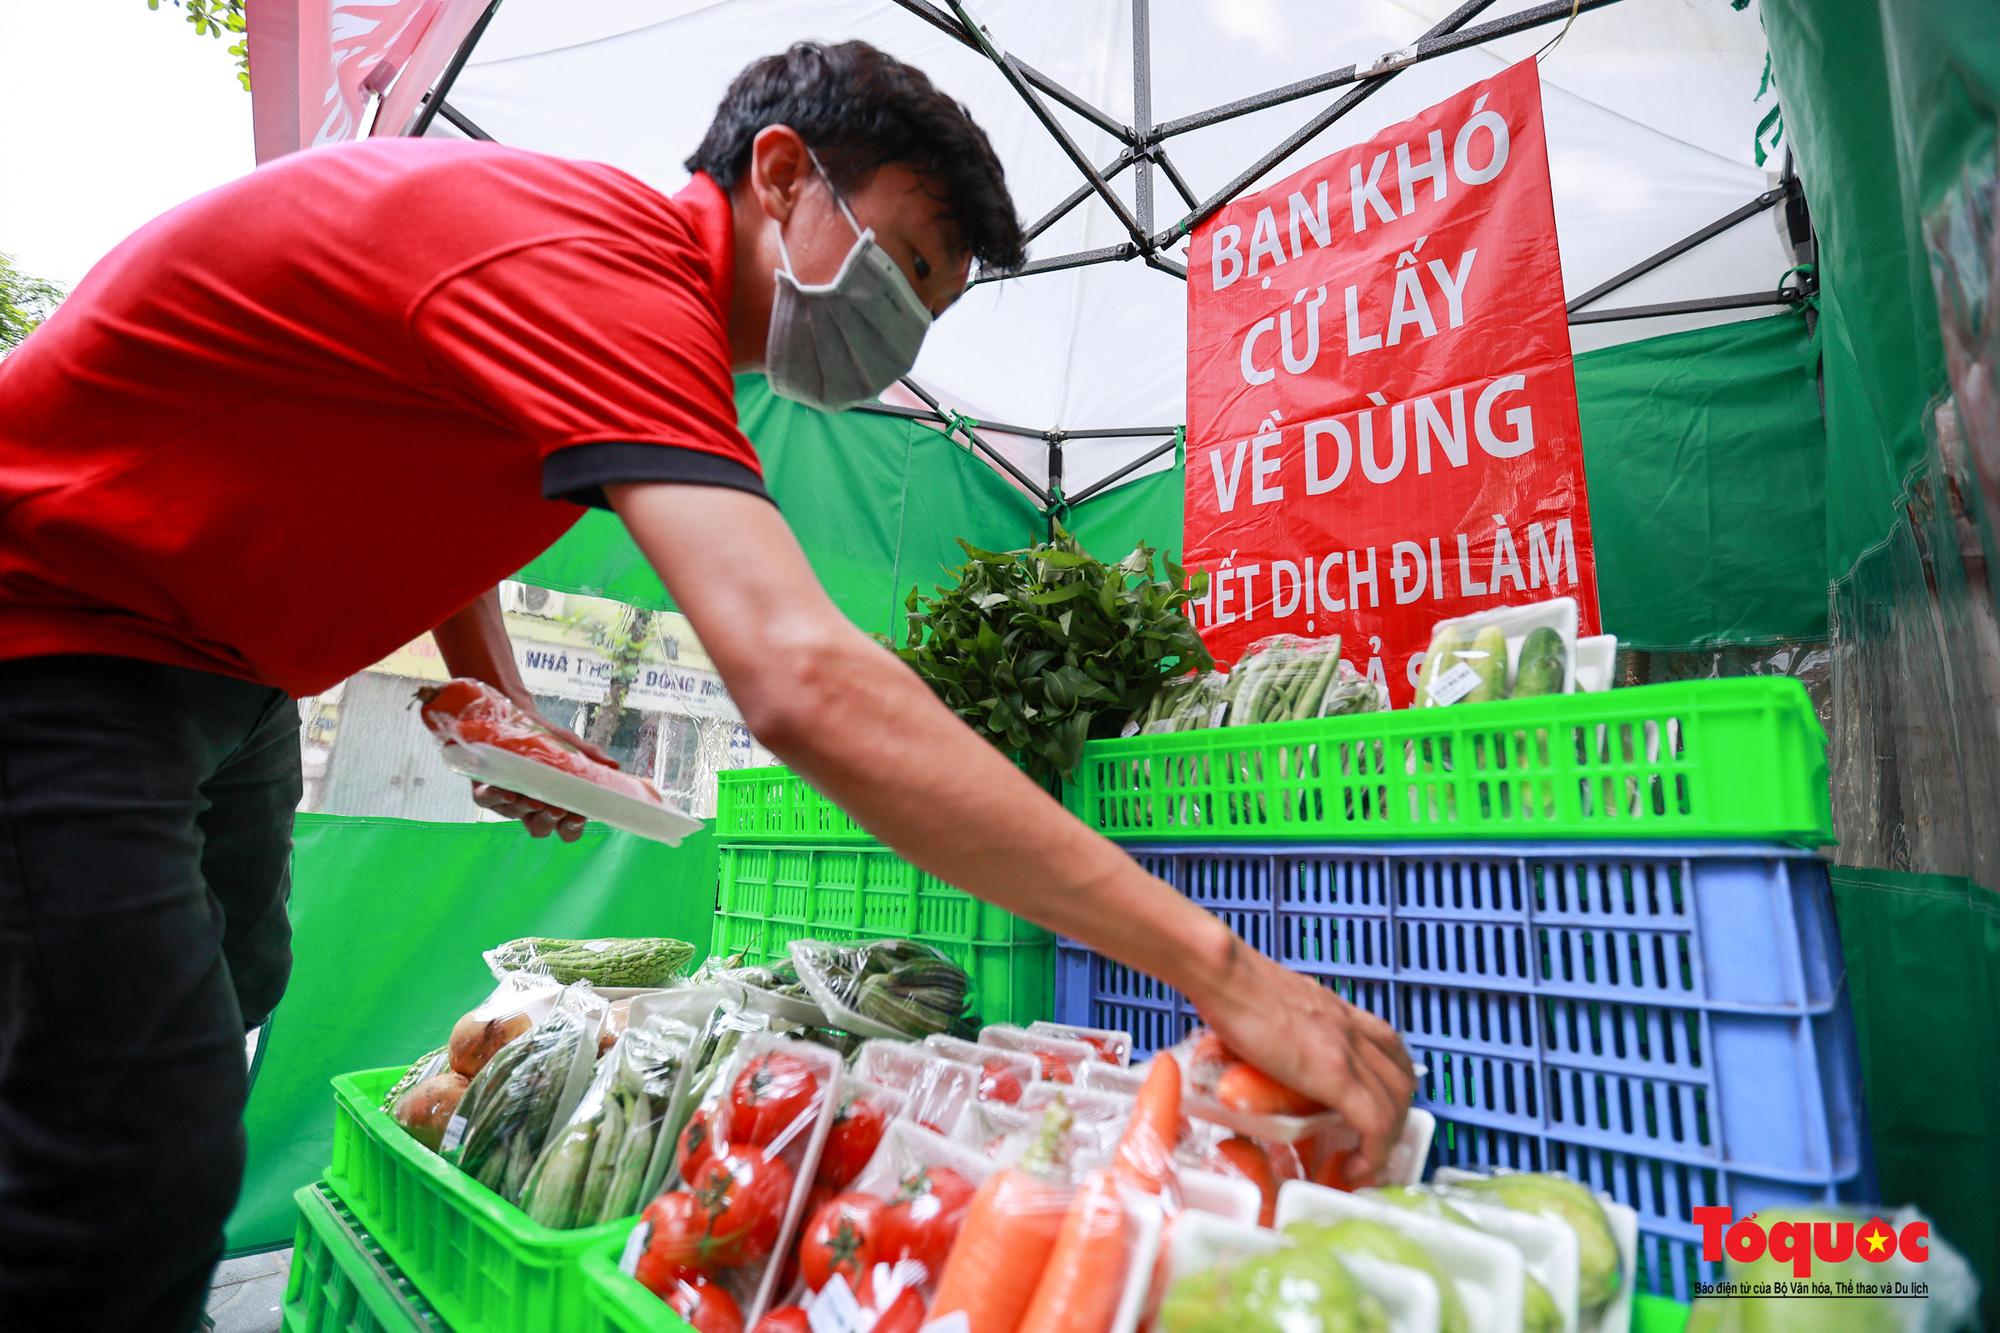 Hà Nội: Cửa hàng thiết yếu không người bán, người mua cũng không cần phải trả tiền ngay - Ảnh 6.